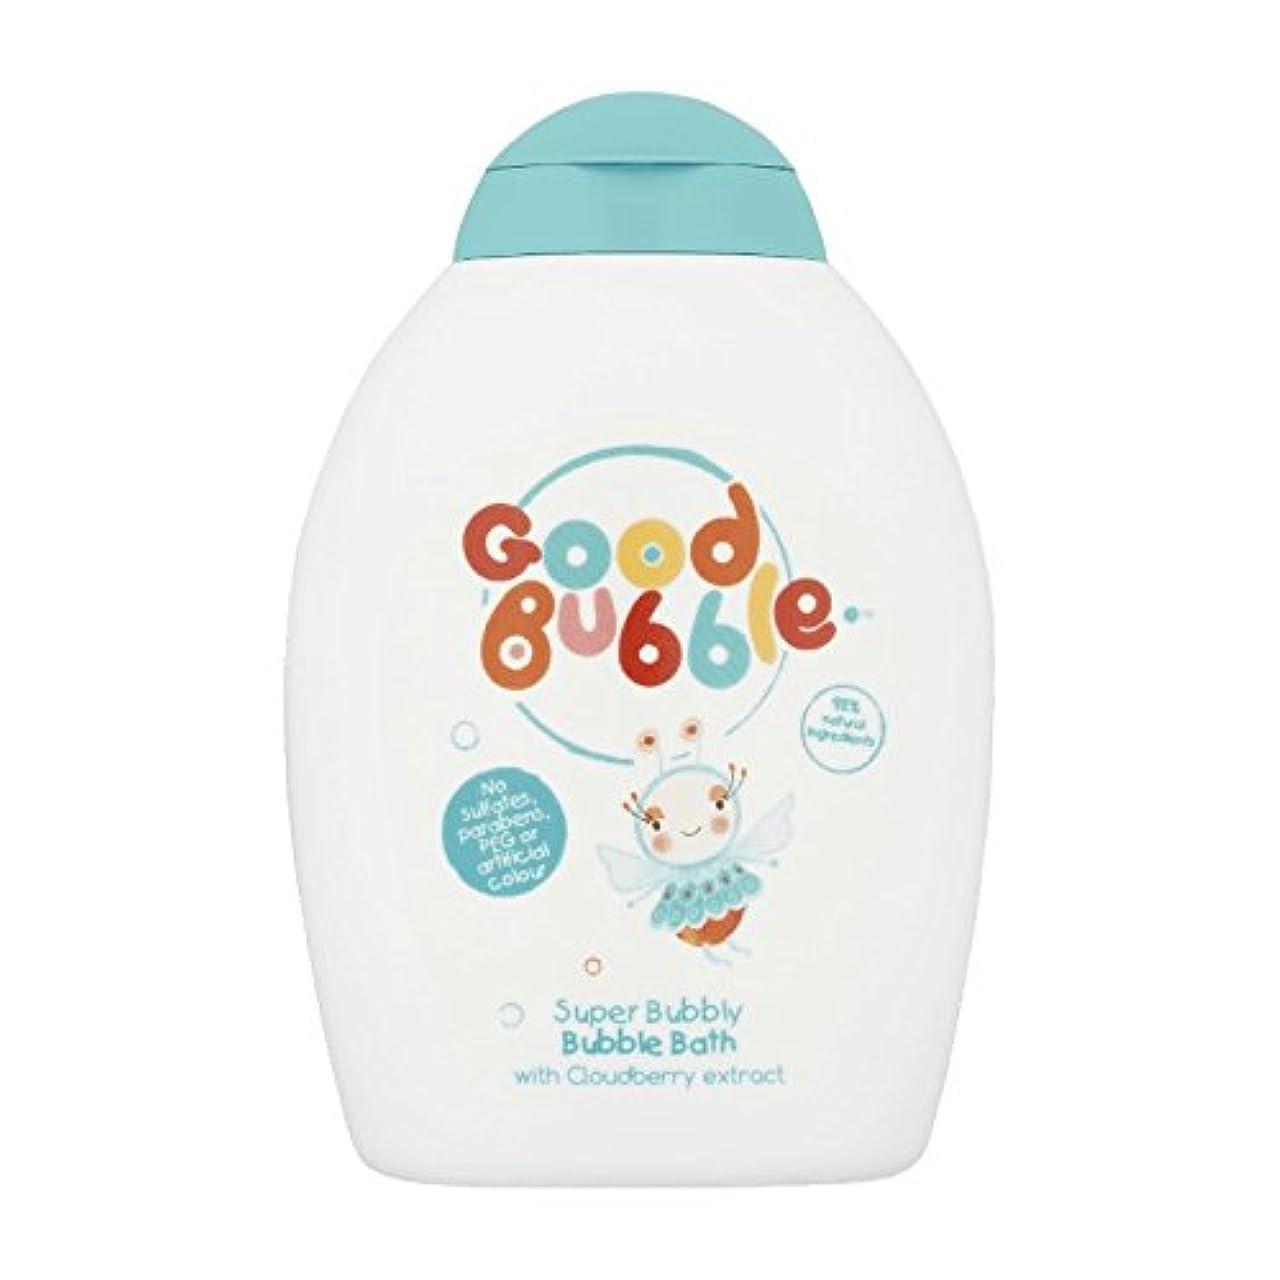 結核過敏なようこそGood Bubble Cloudberry Bubble Bath 400ml (Pack of 2) - 良いバブルクラウドベリーバブルバス400ミリリットル (x2) [並行輸入品]